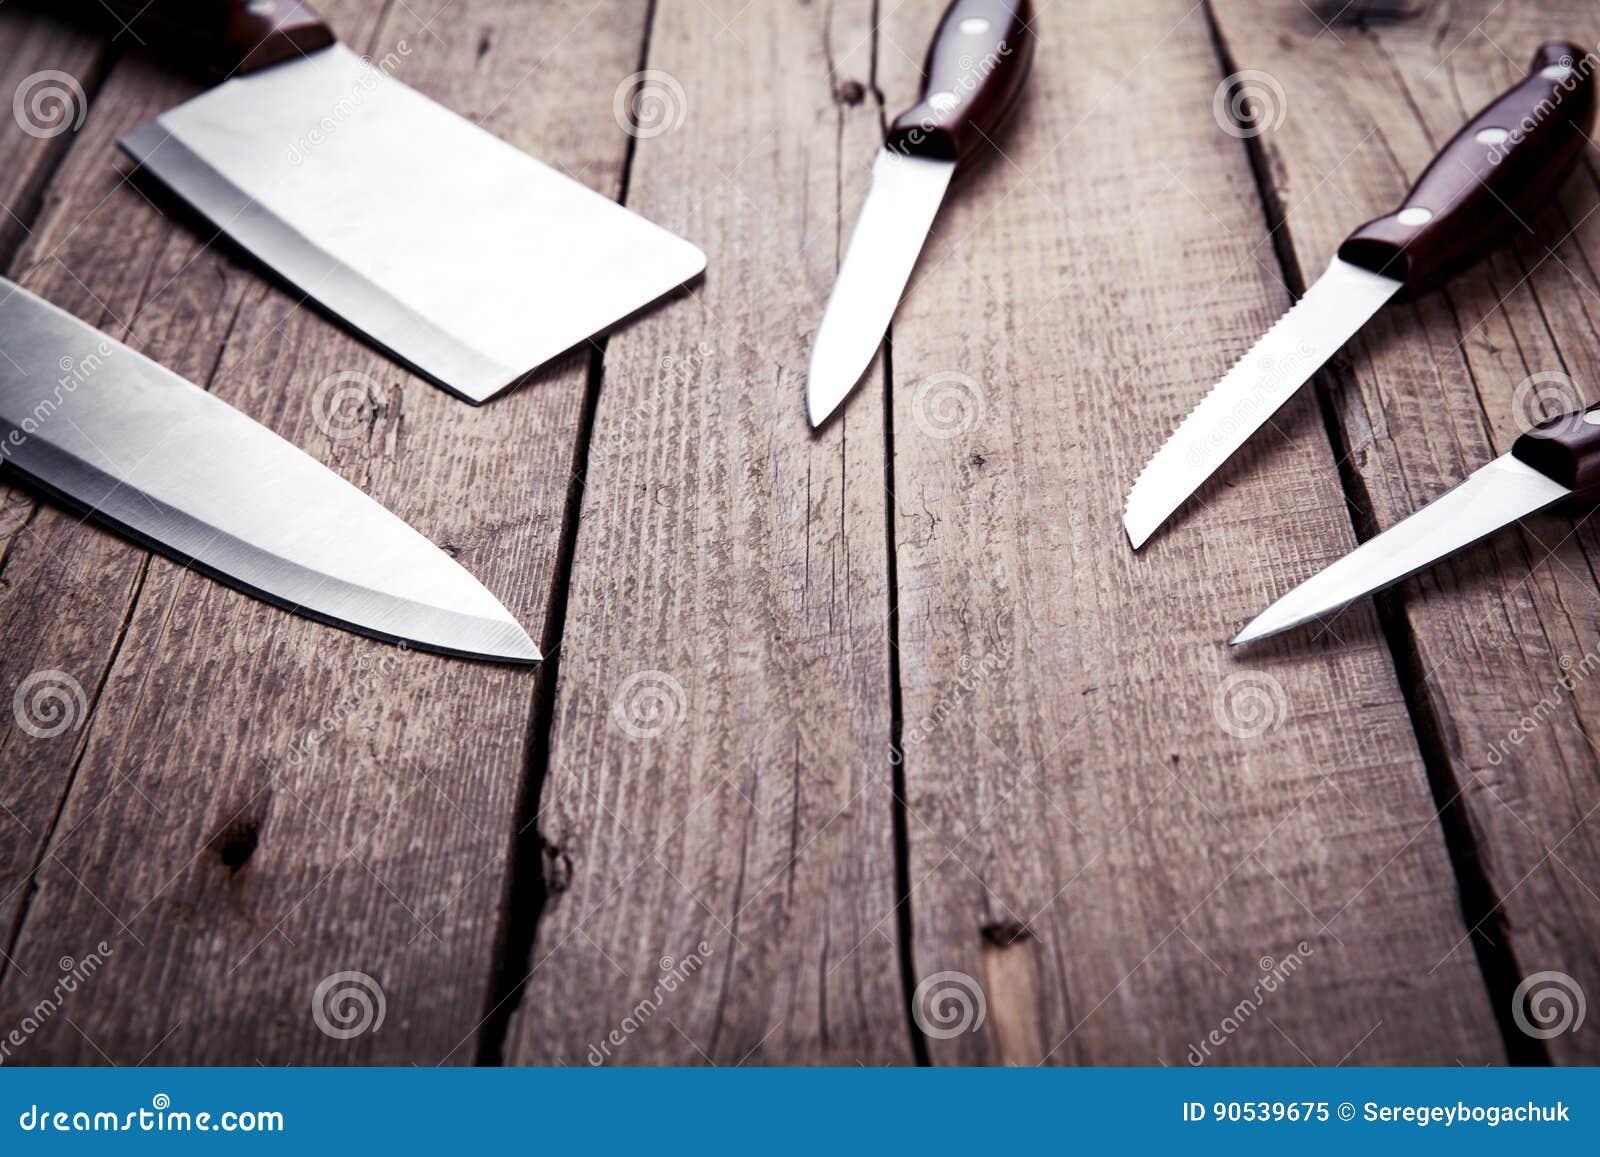 Mooie messen met houten handvat op een oude lijst keuken het koken